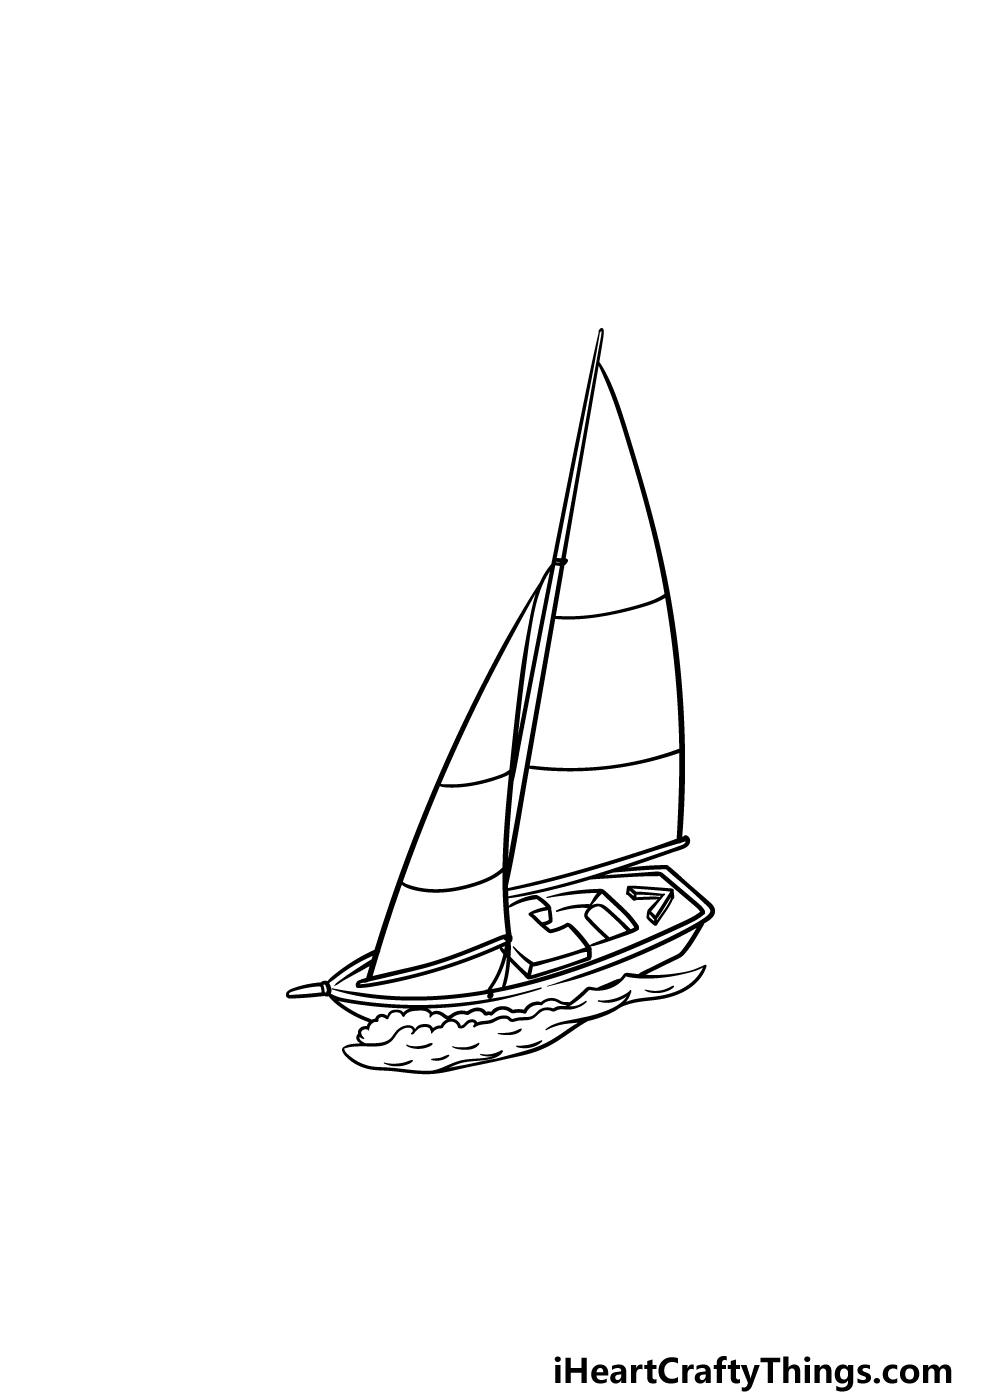 drawing a sailboat step 5